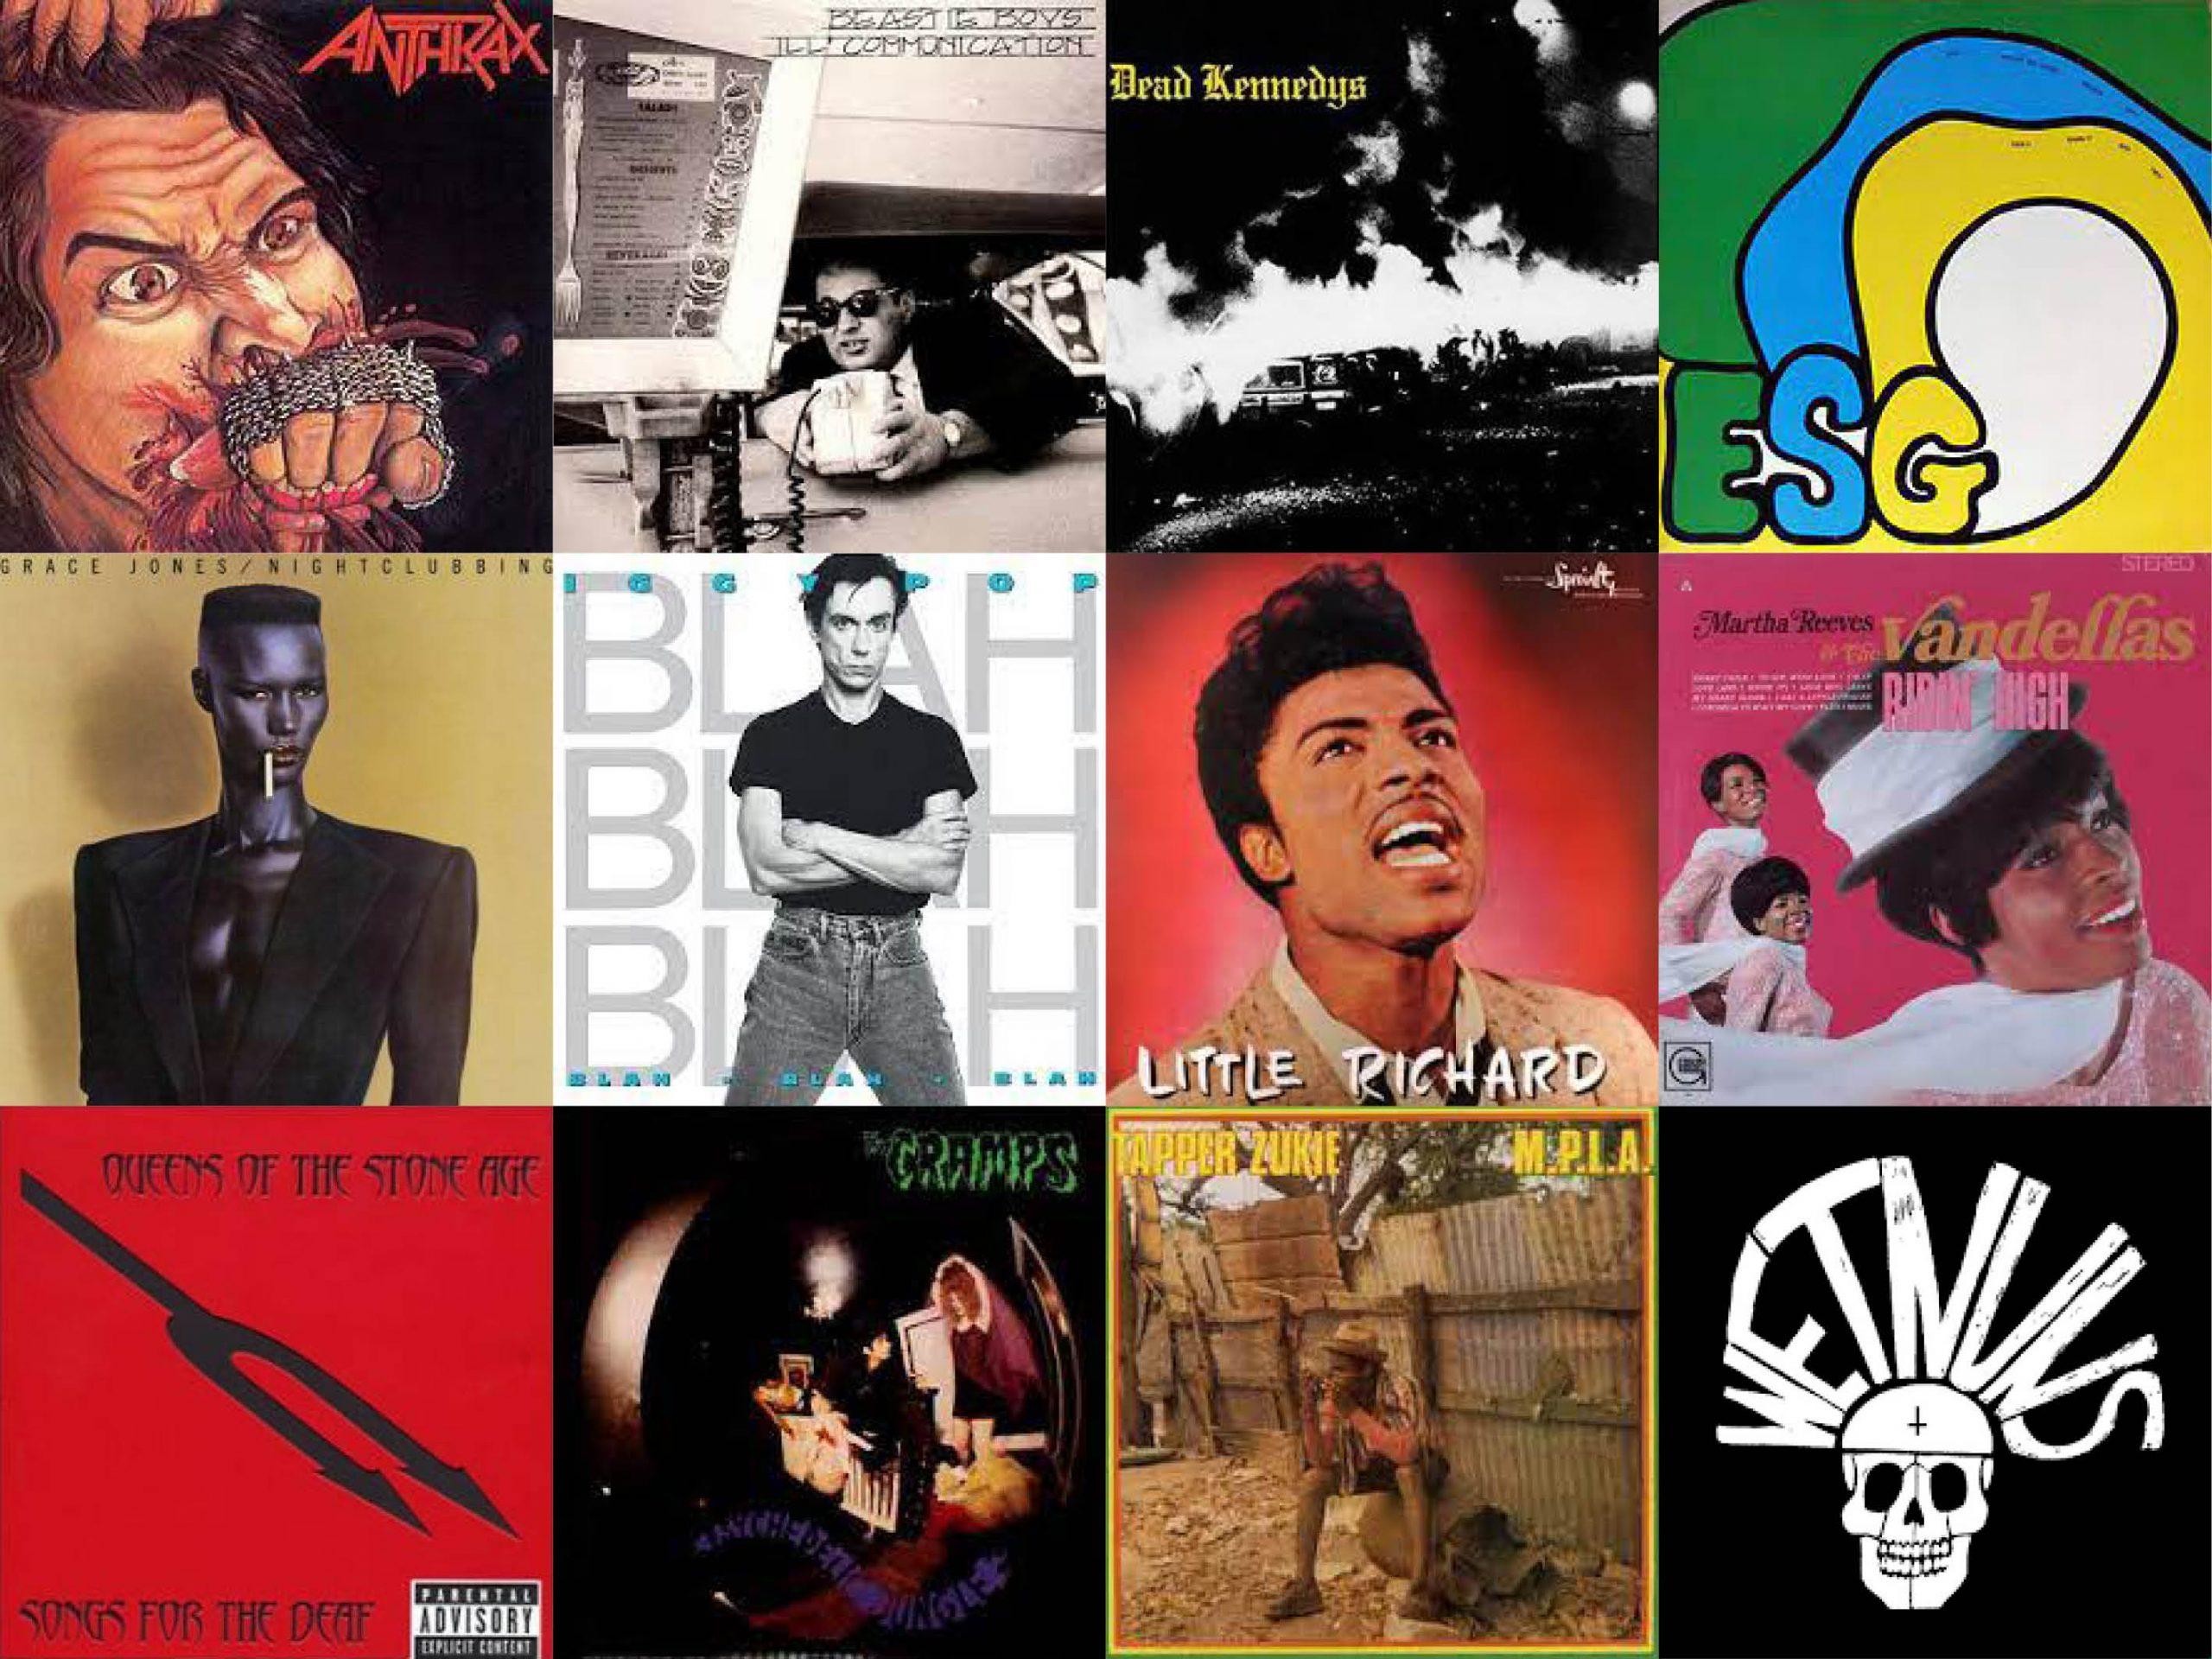 Andrew's albums